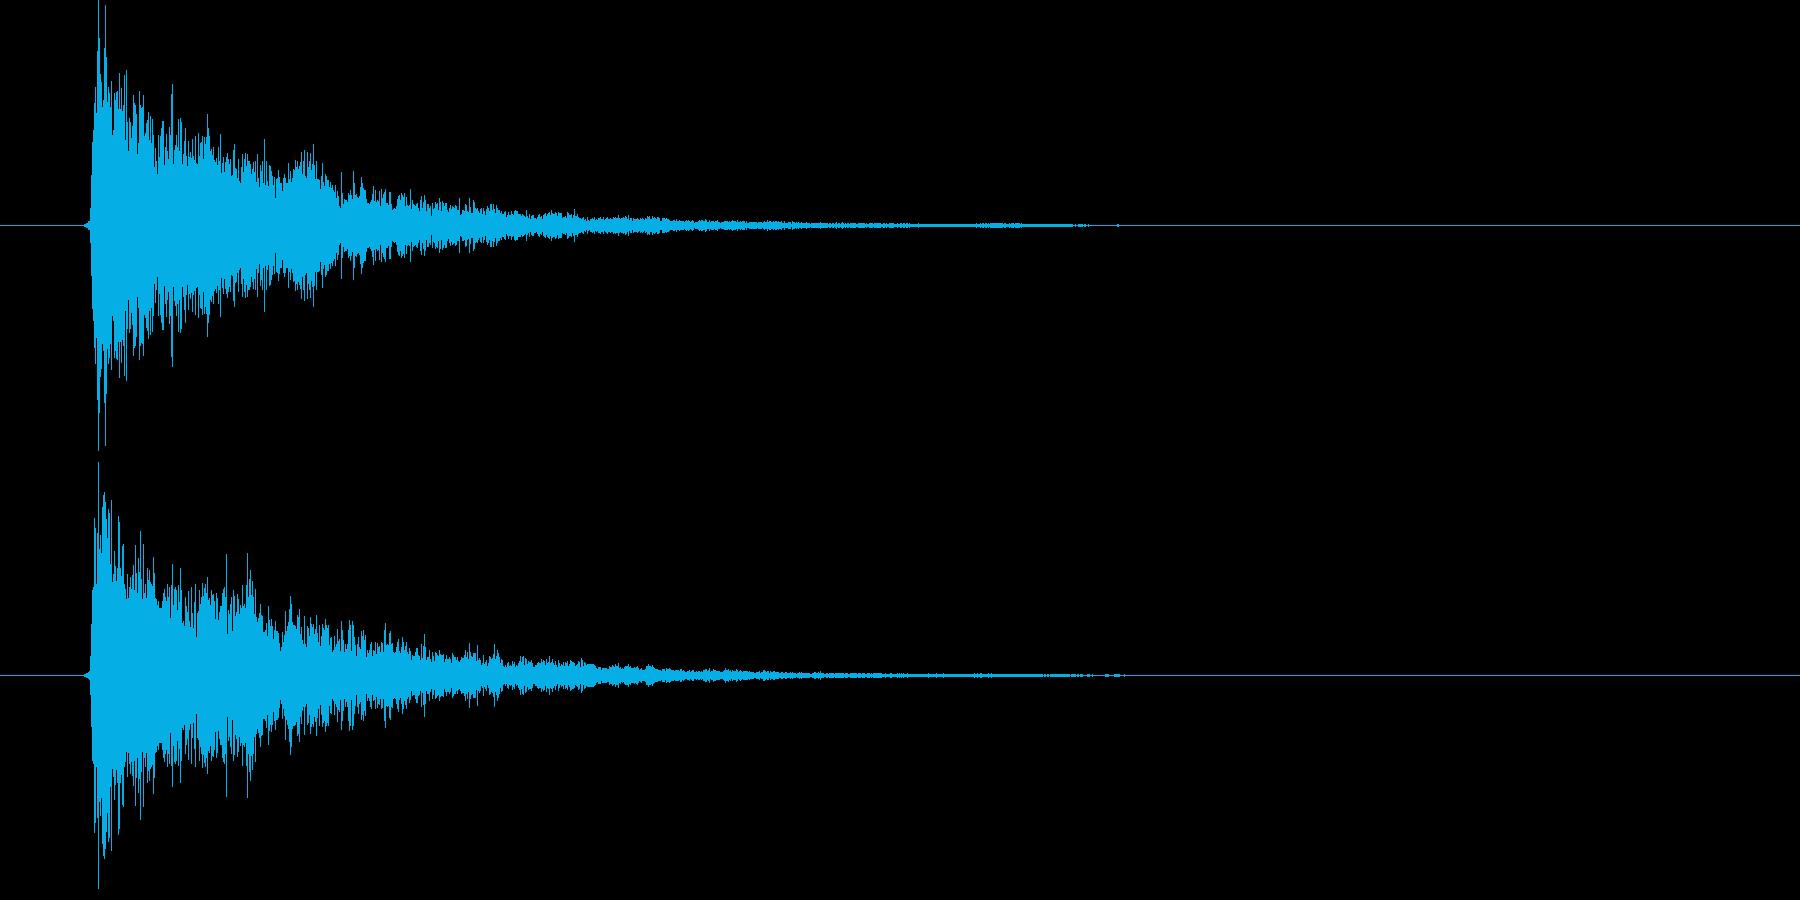 キュアーンという一瞬の音の再生済みの波形